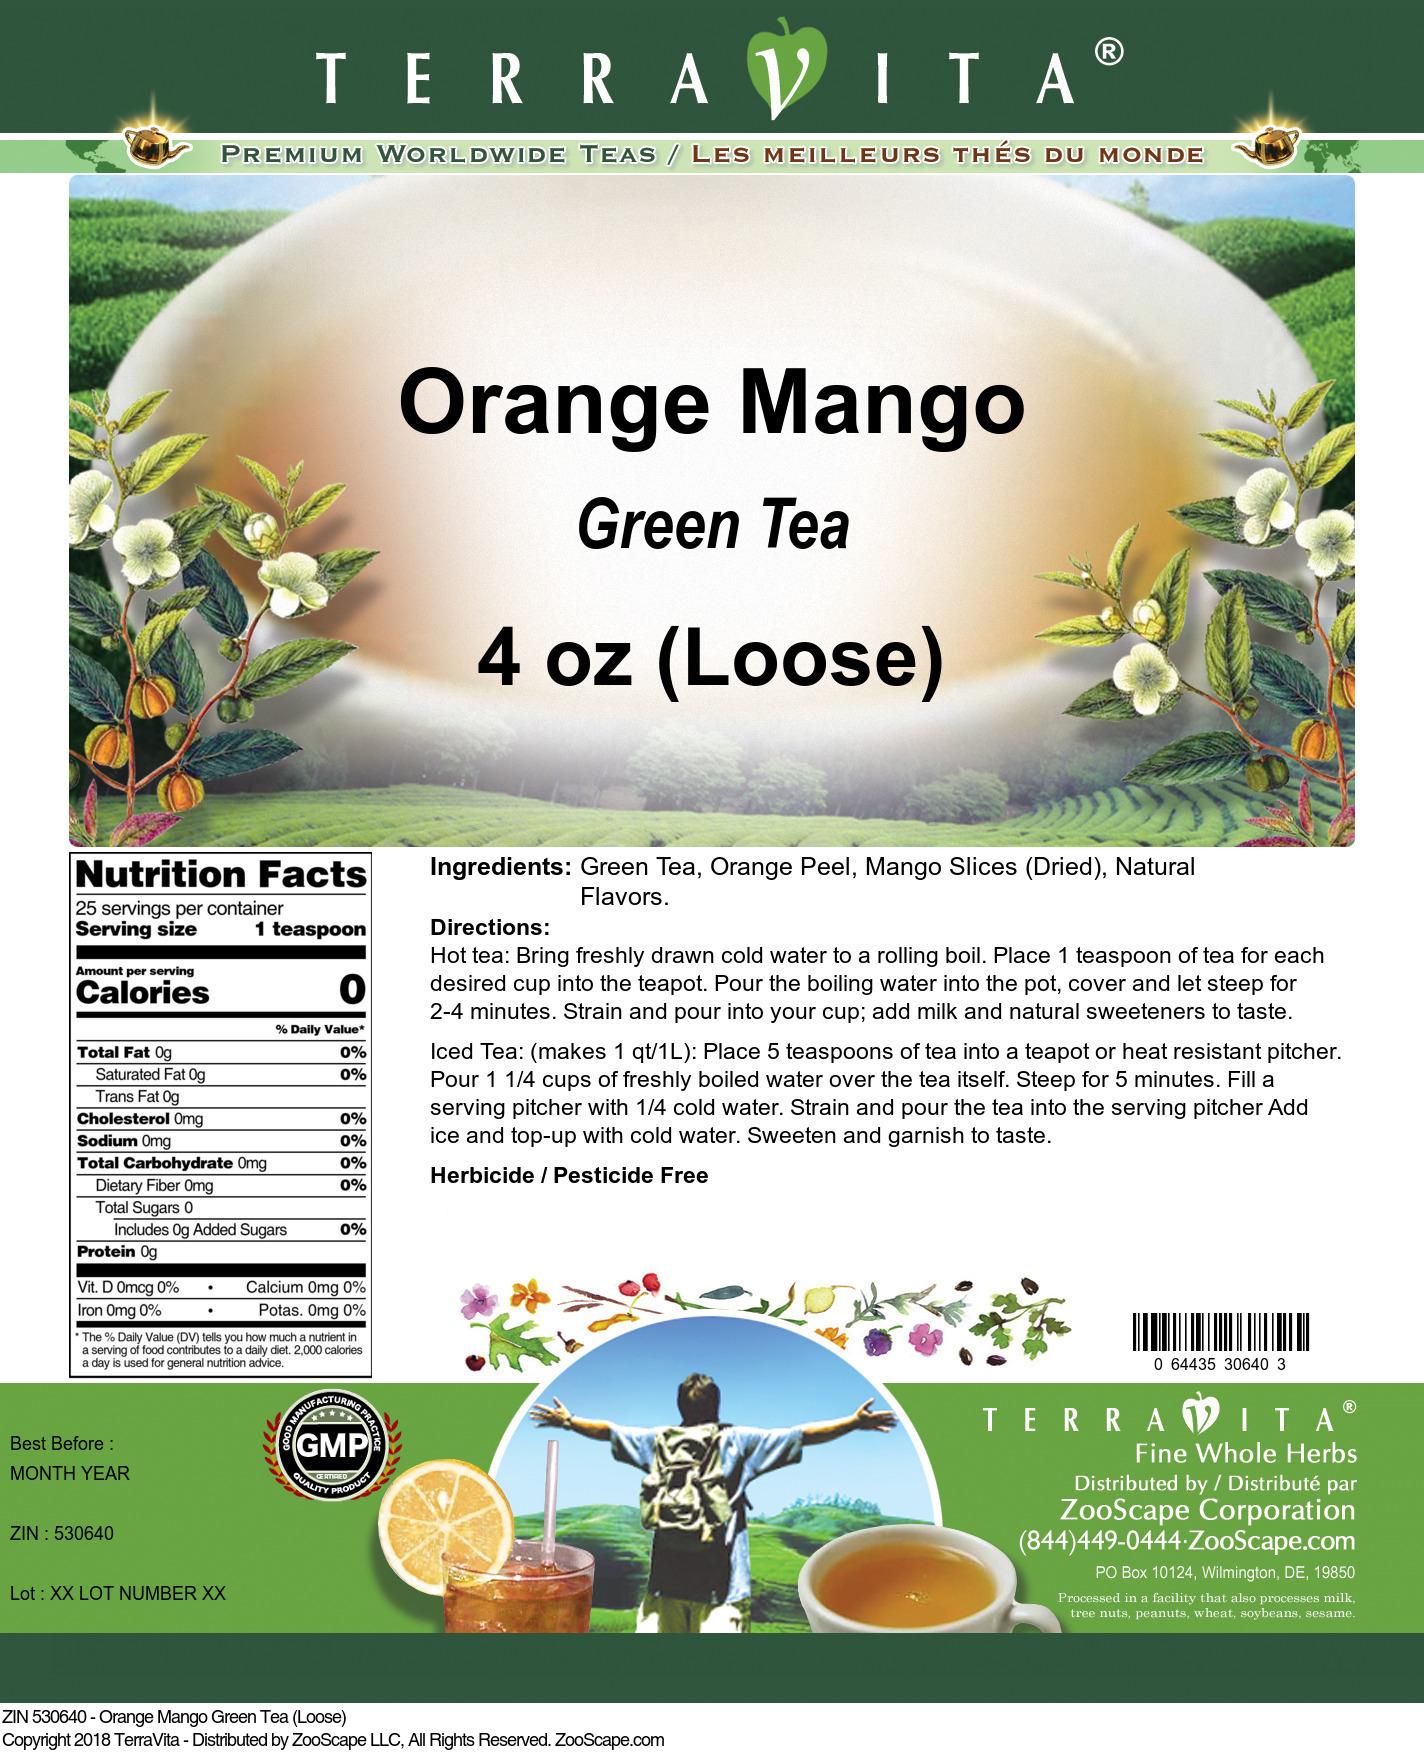 Orange Mango Green Tea